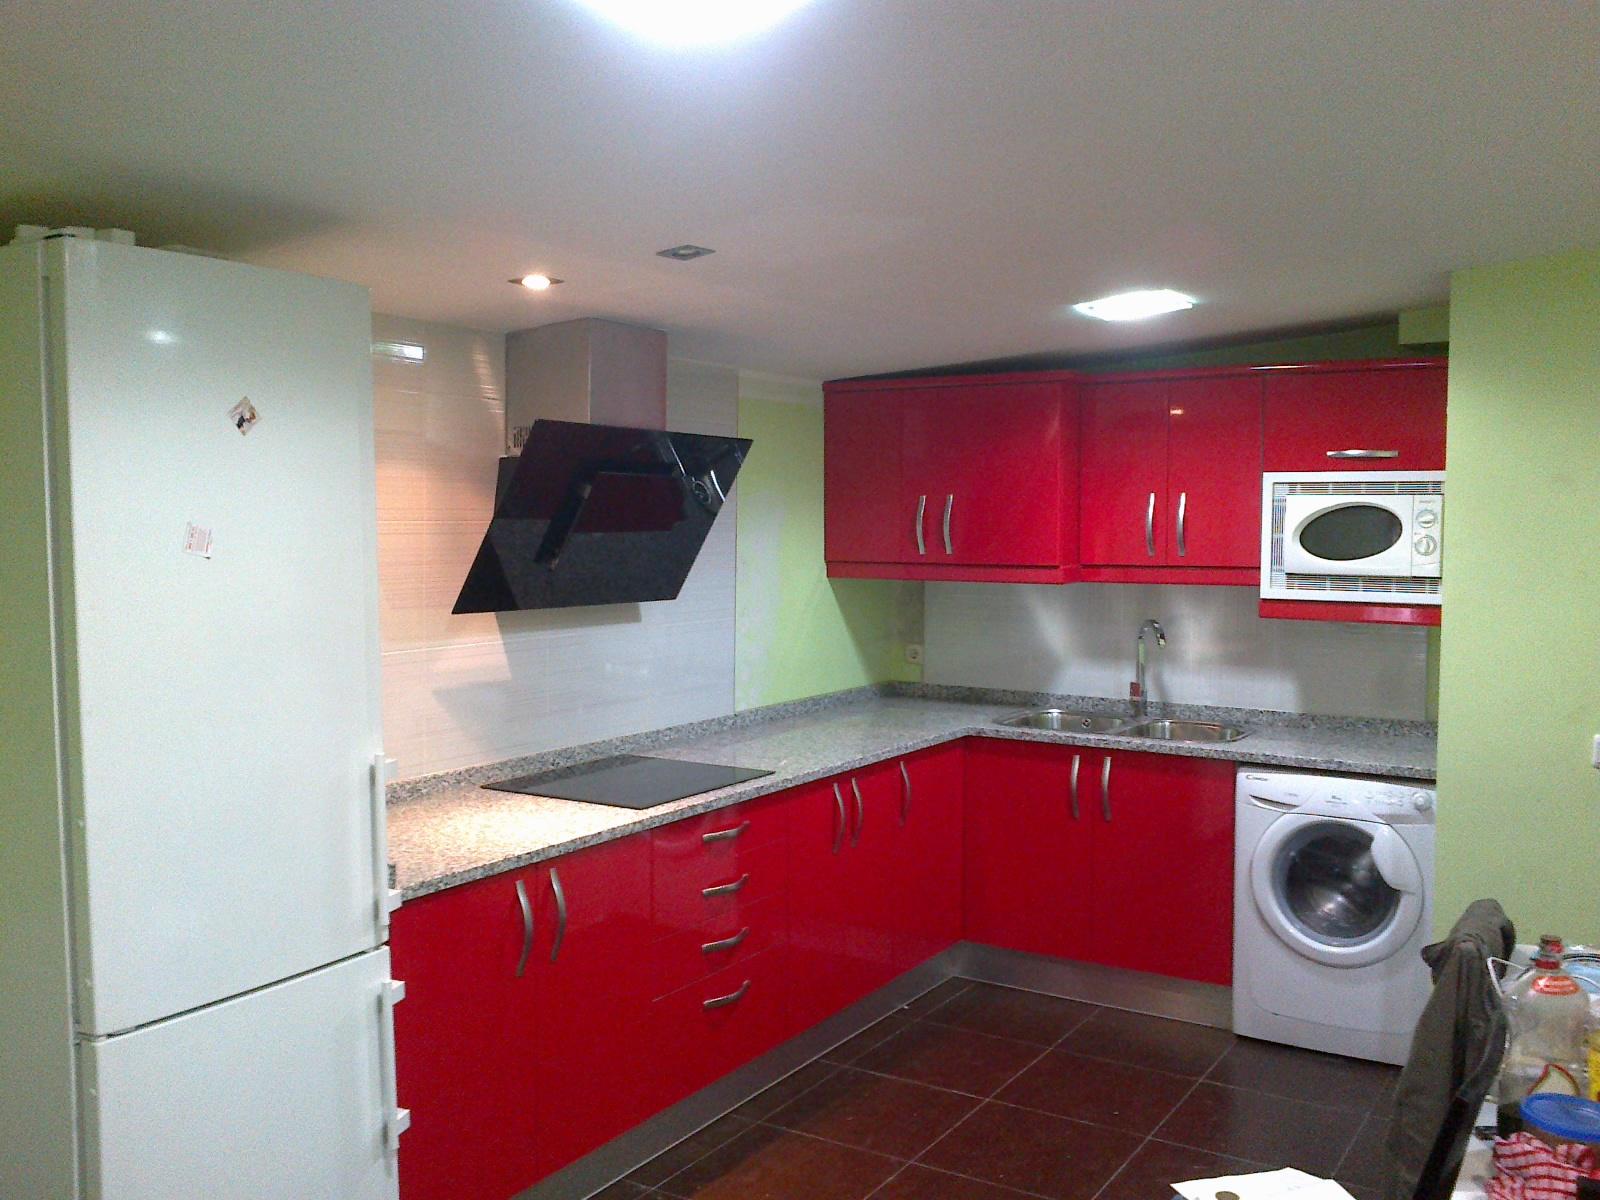 Muebles de cocina sueltos en granada ideas interesantes para dise ar los ltimos - Muebles de cocina en granada ...